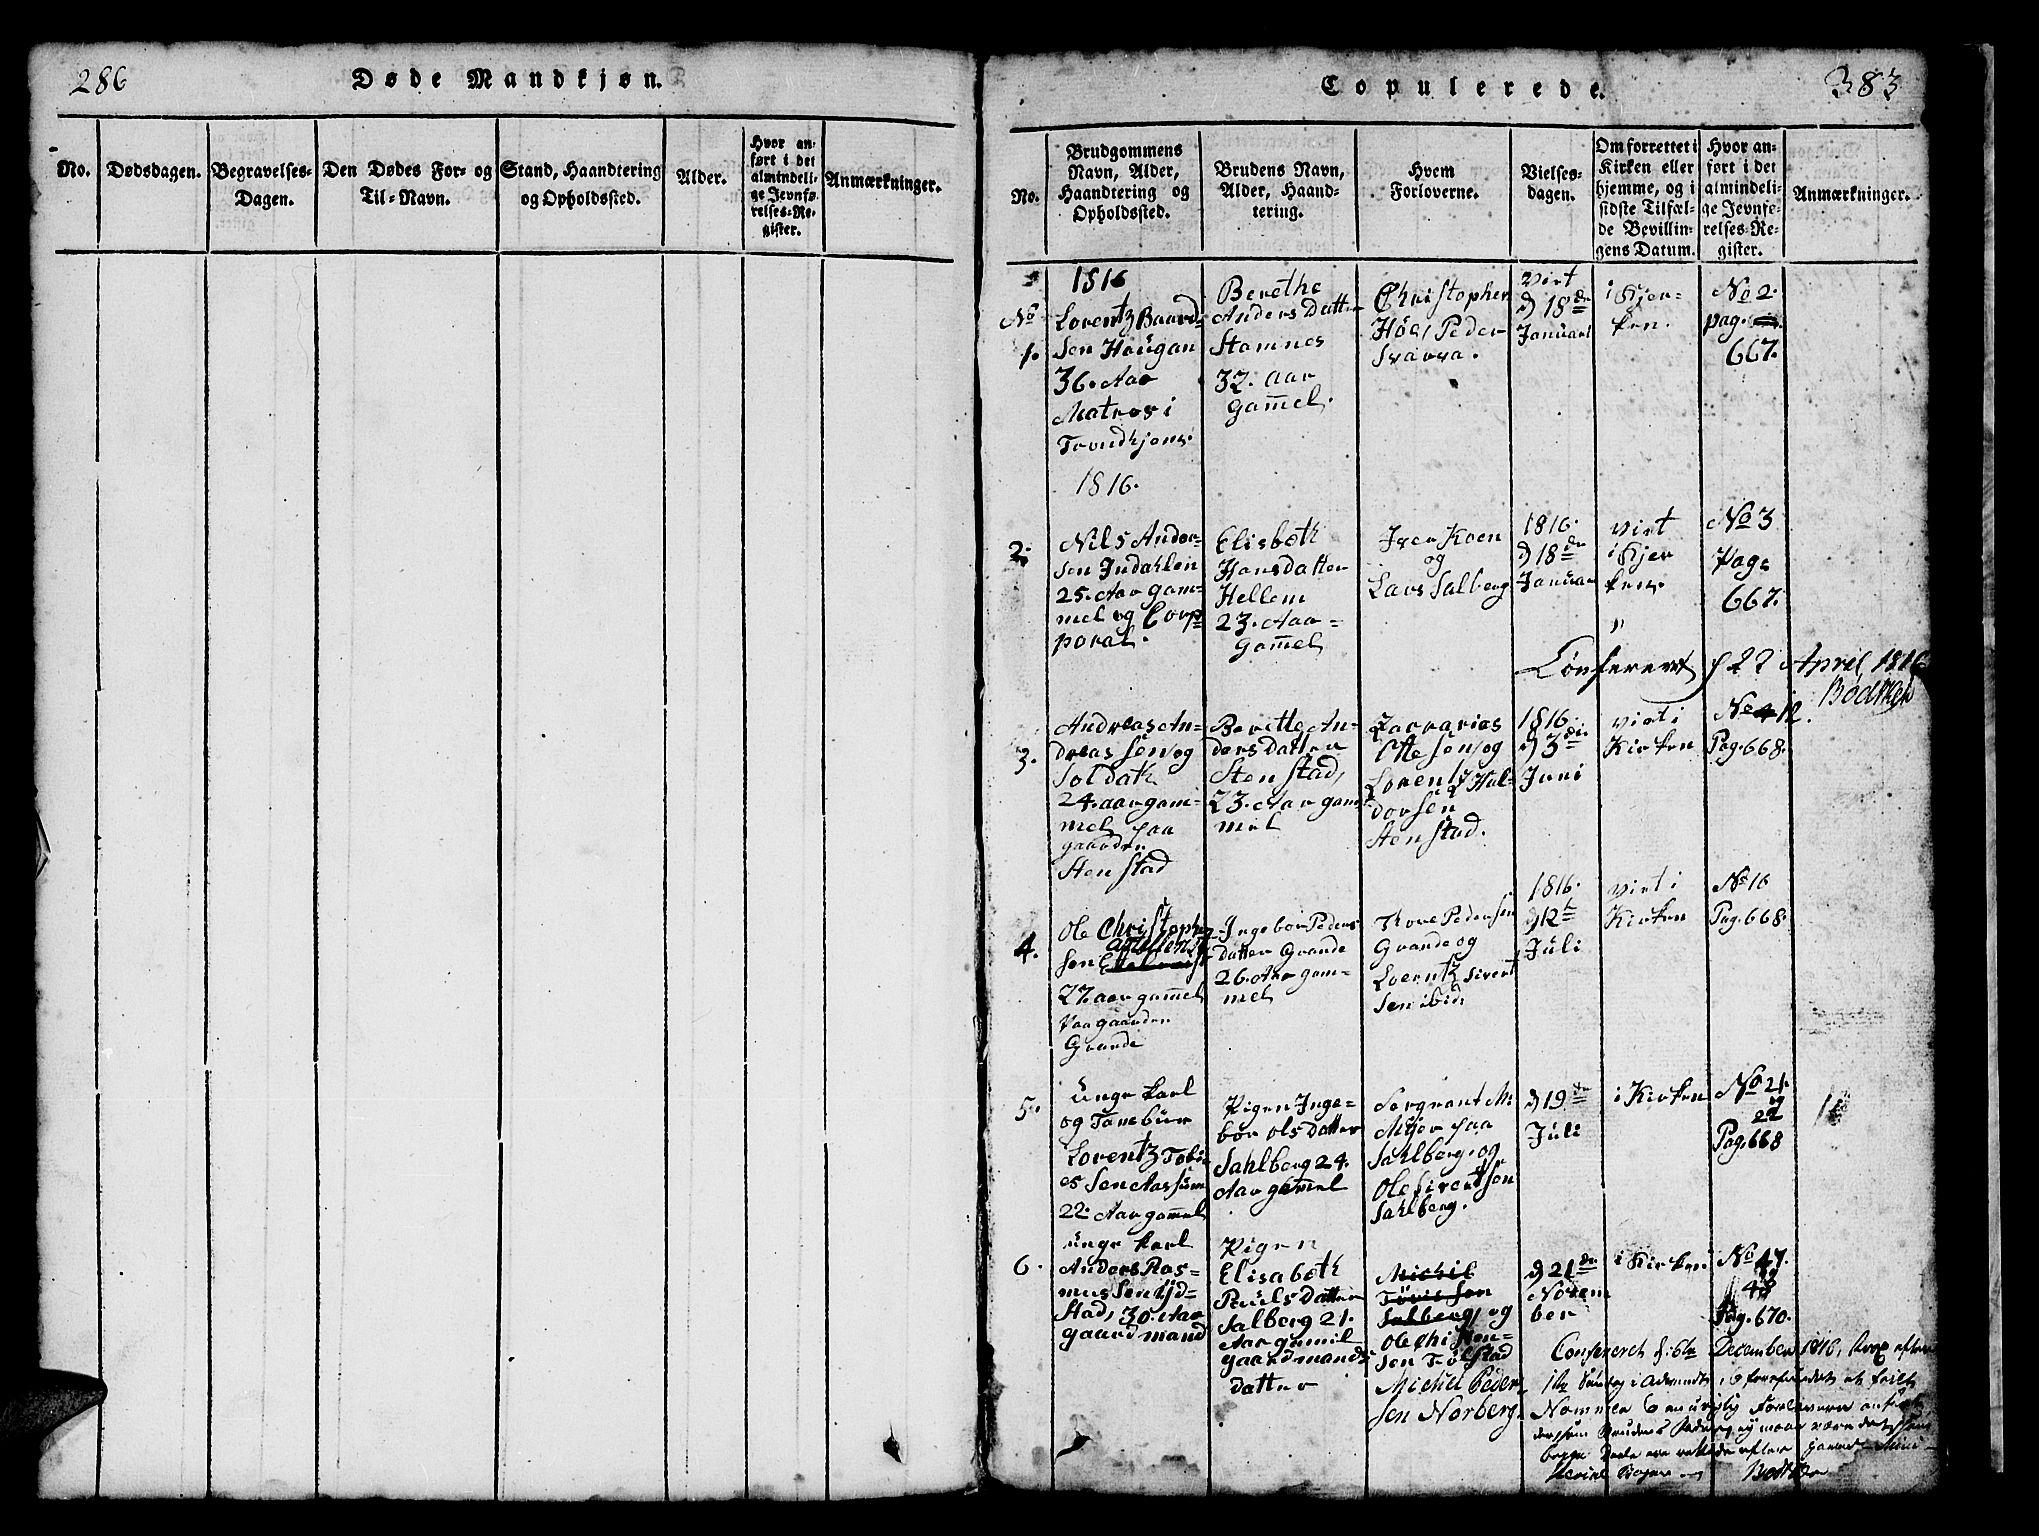 SAT, Ministerialprotokoller, klokkerbøker og fødselsregistre - Nord-Trøndelag, 731/L0310: Parish register (copy) no. 731C01, 1816-1874, p. 286-383